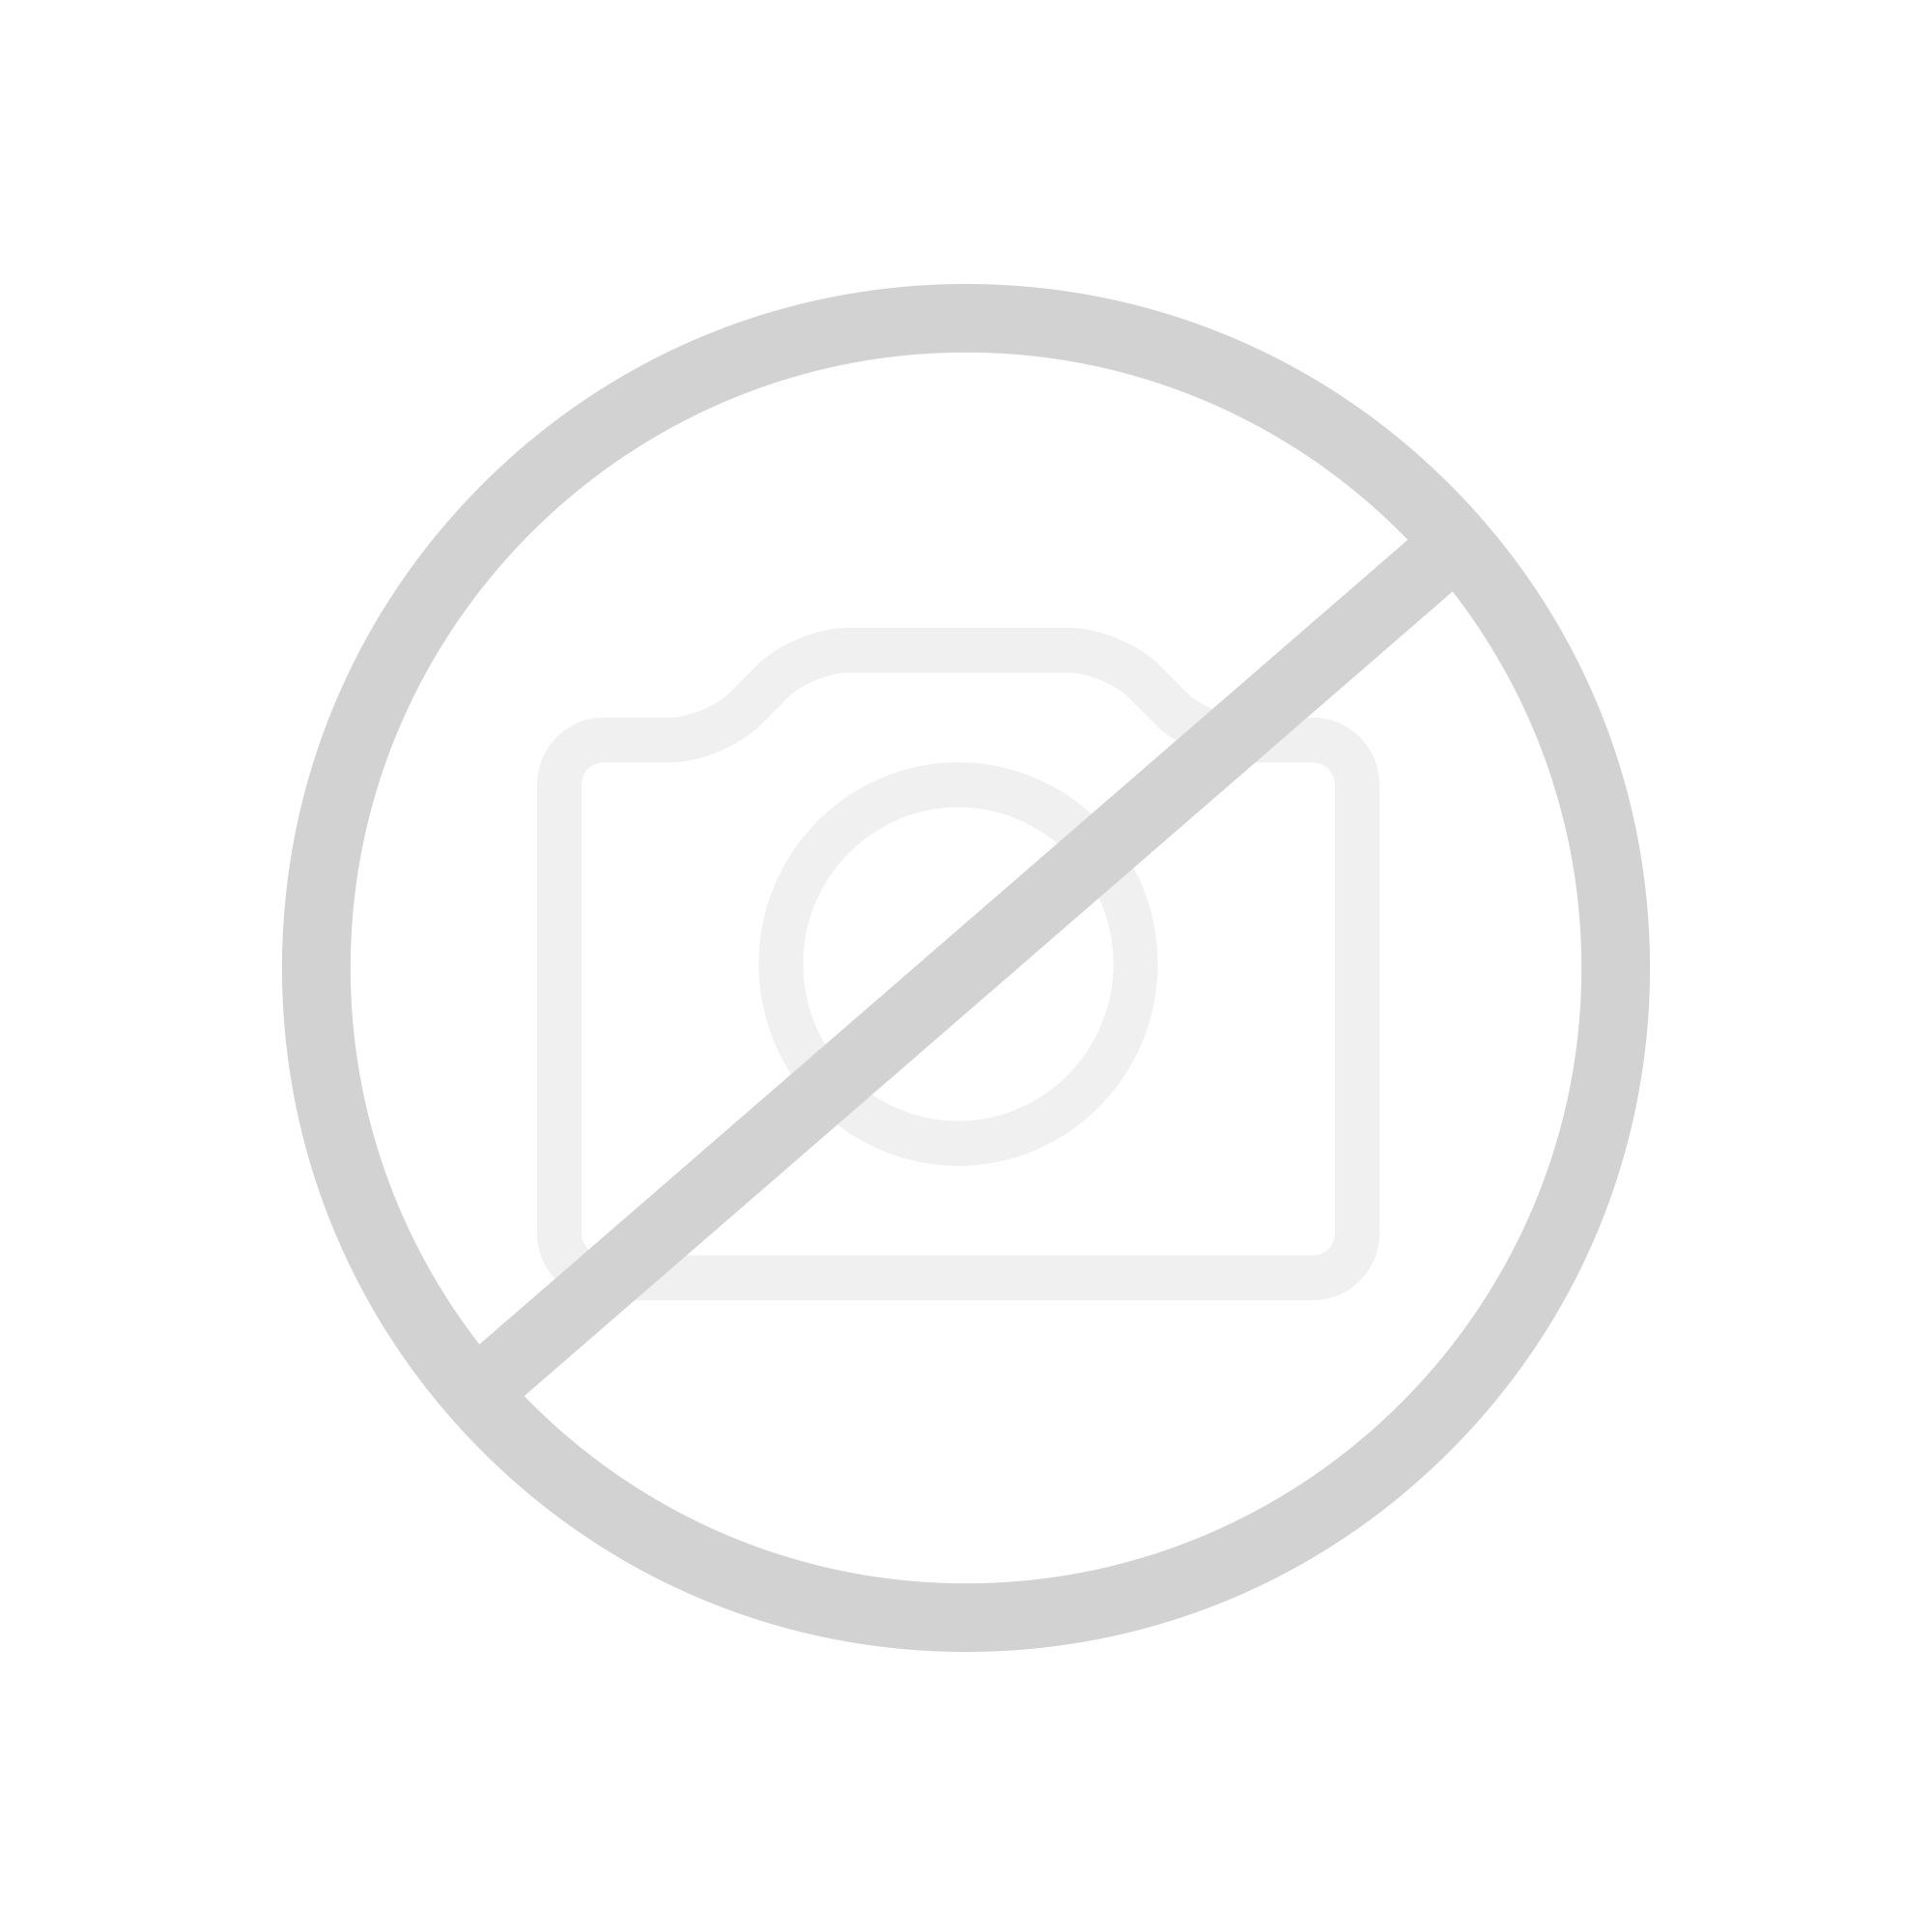 Hansgrohe ShowerSelect Ventil für 3 Verbraucher